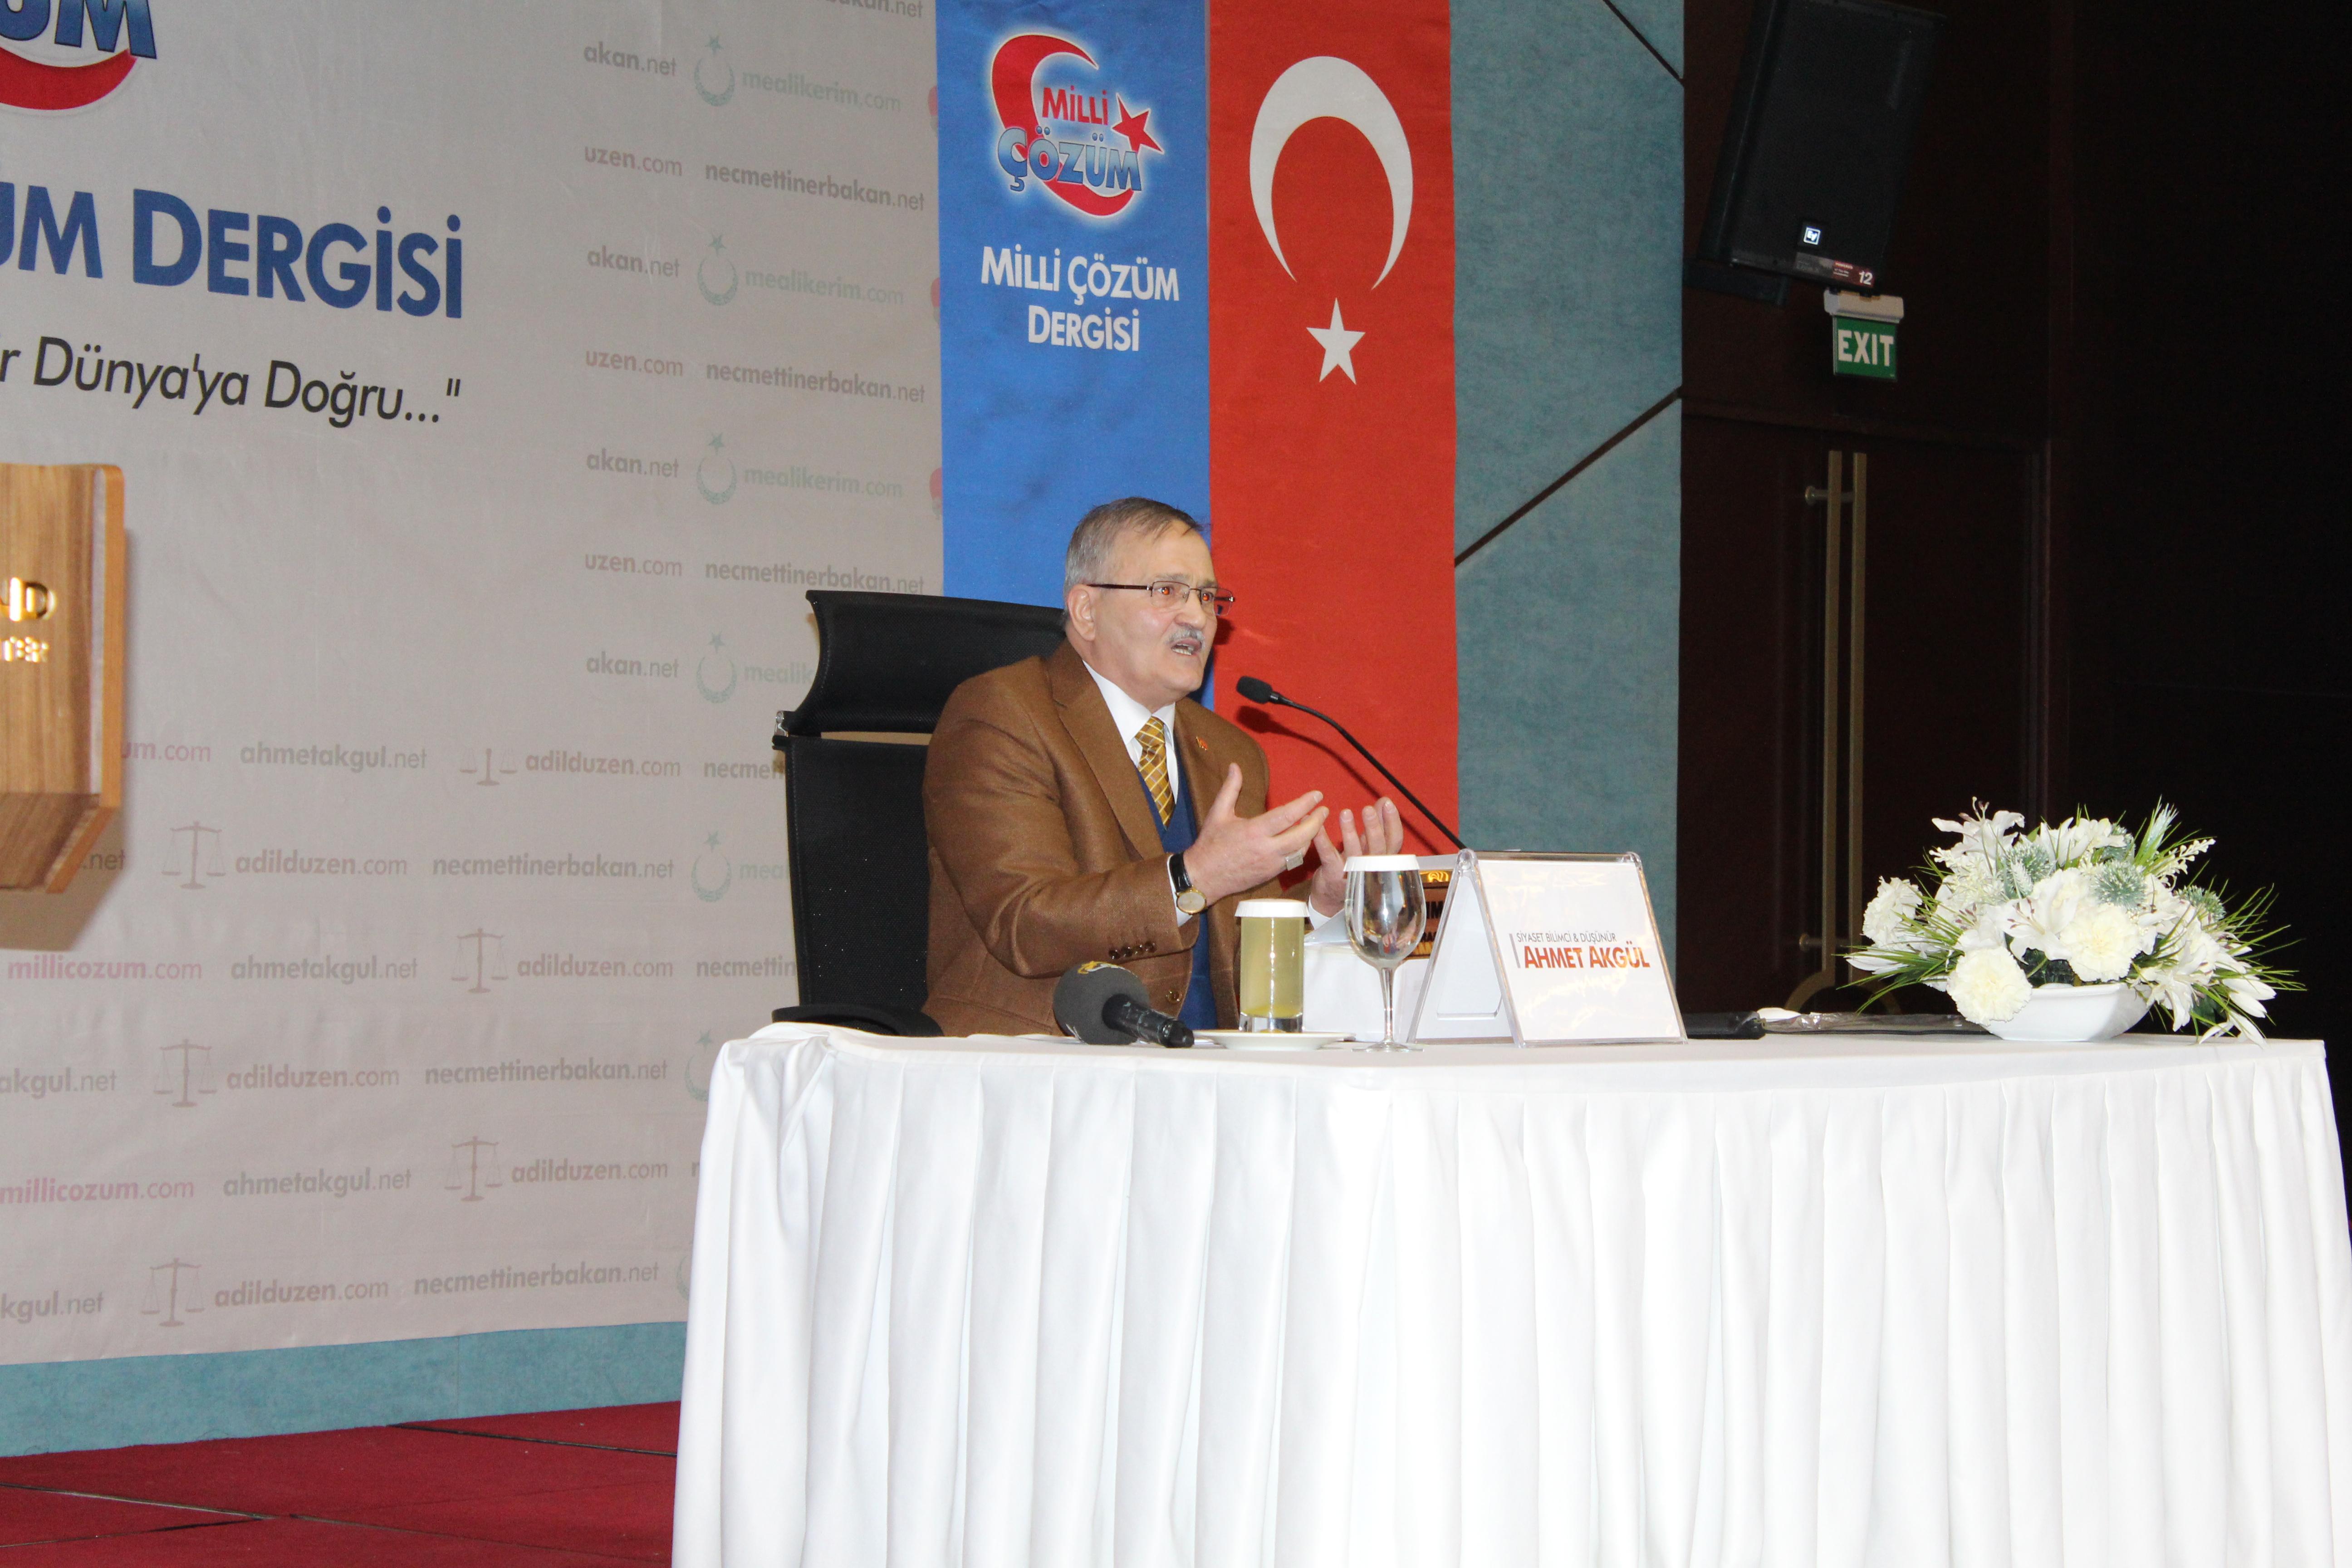 Üstad Ahmet Akgül - Yeni Medeniyet İnkılabı ve Adil Düzen Kavramı - Konferansı OCAK 2019